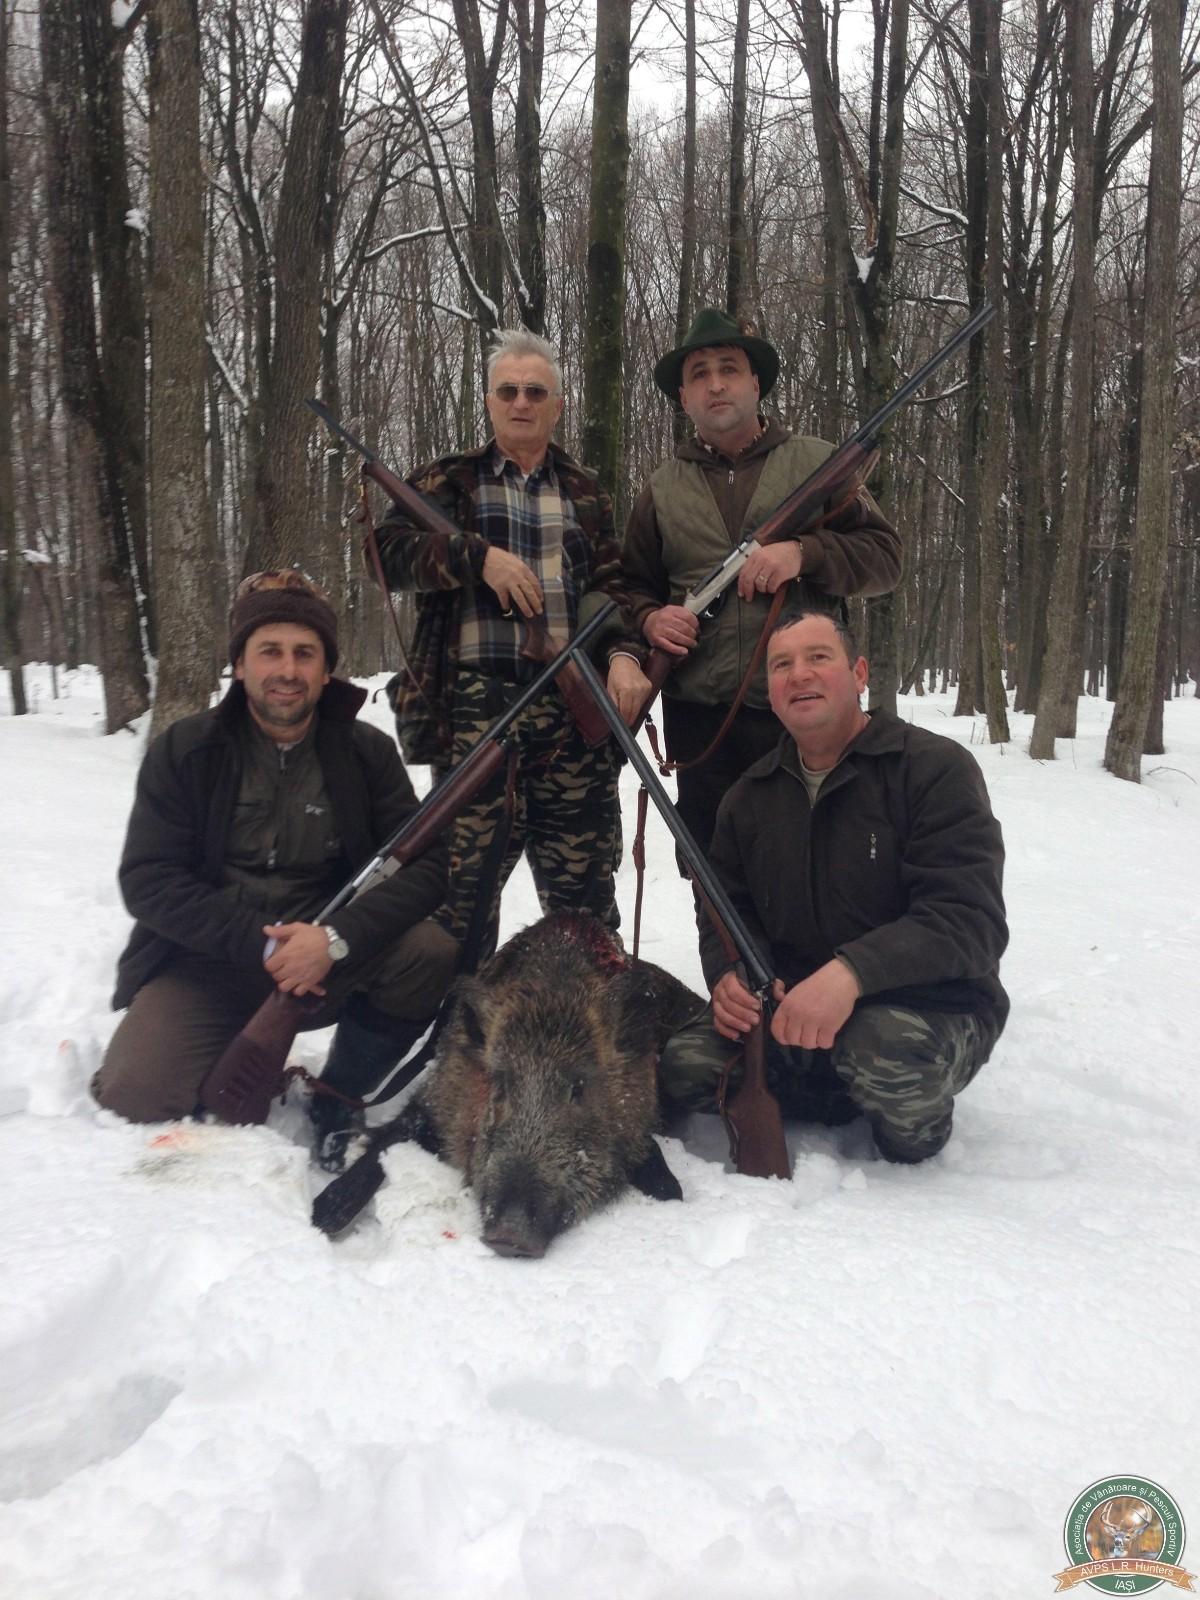 avps-lr-hunters-iarna-la-vanatoare-7